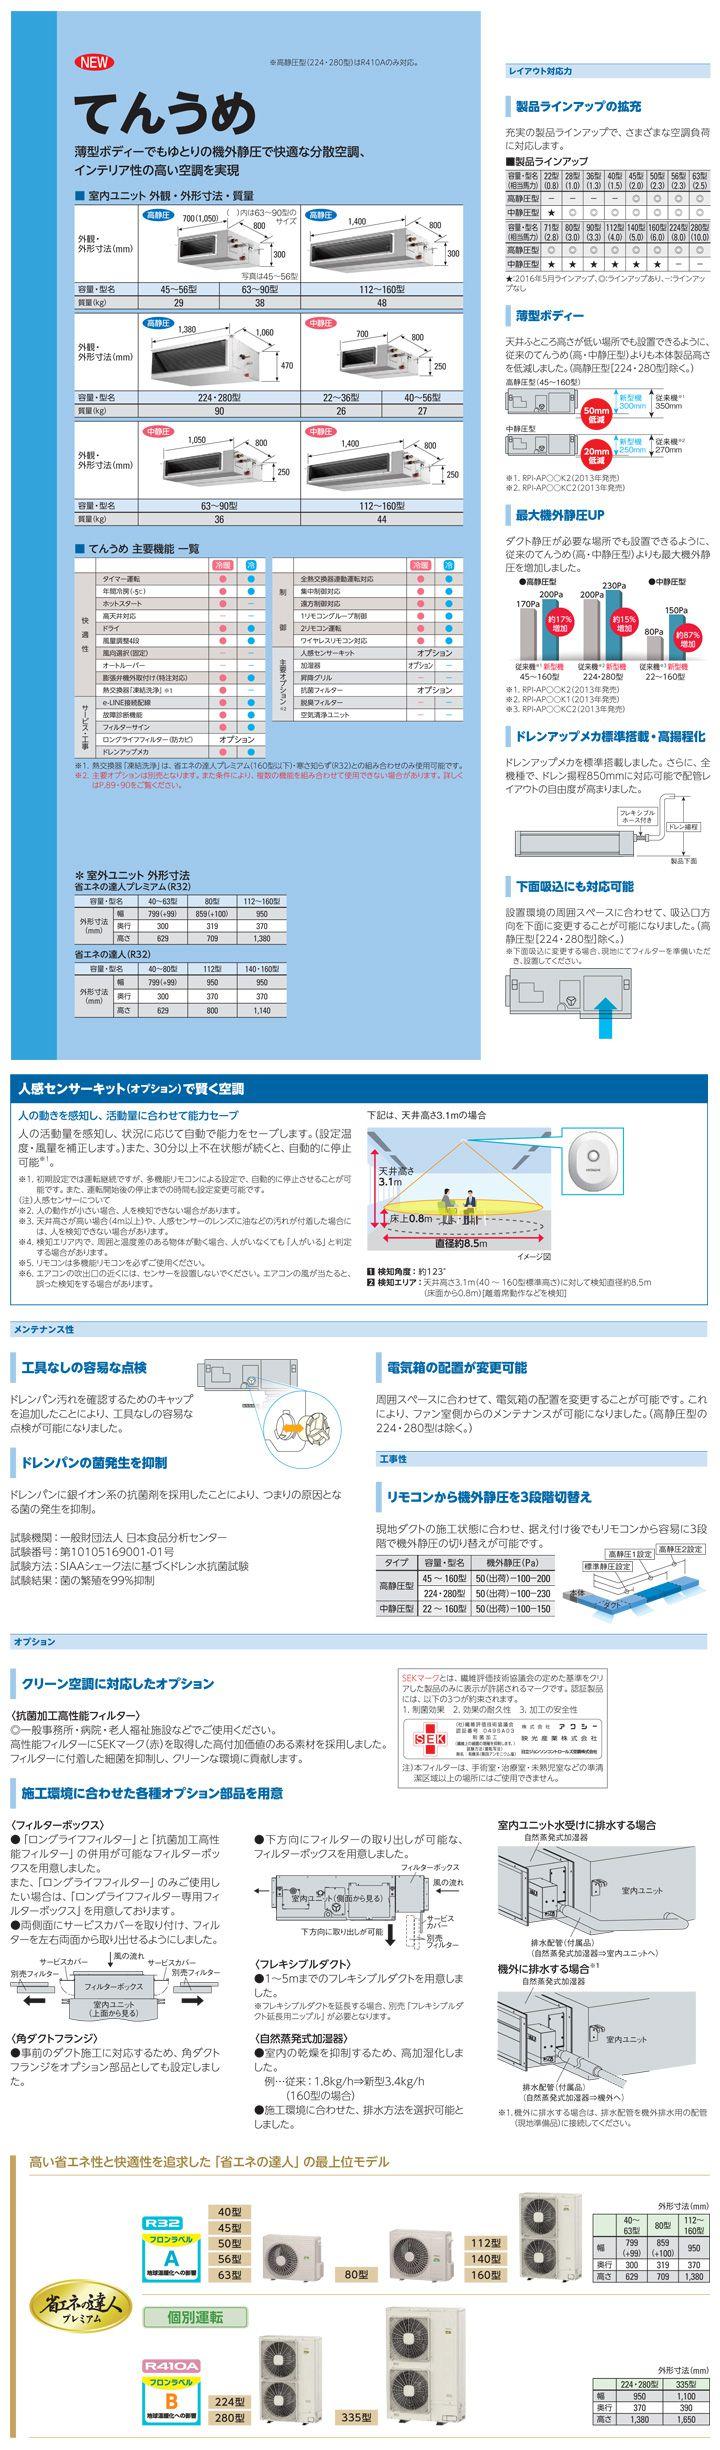 RPI-AP280GHGC4カタログ